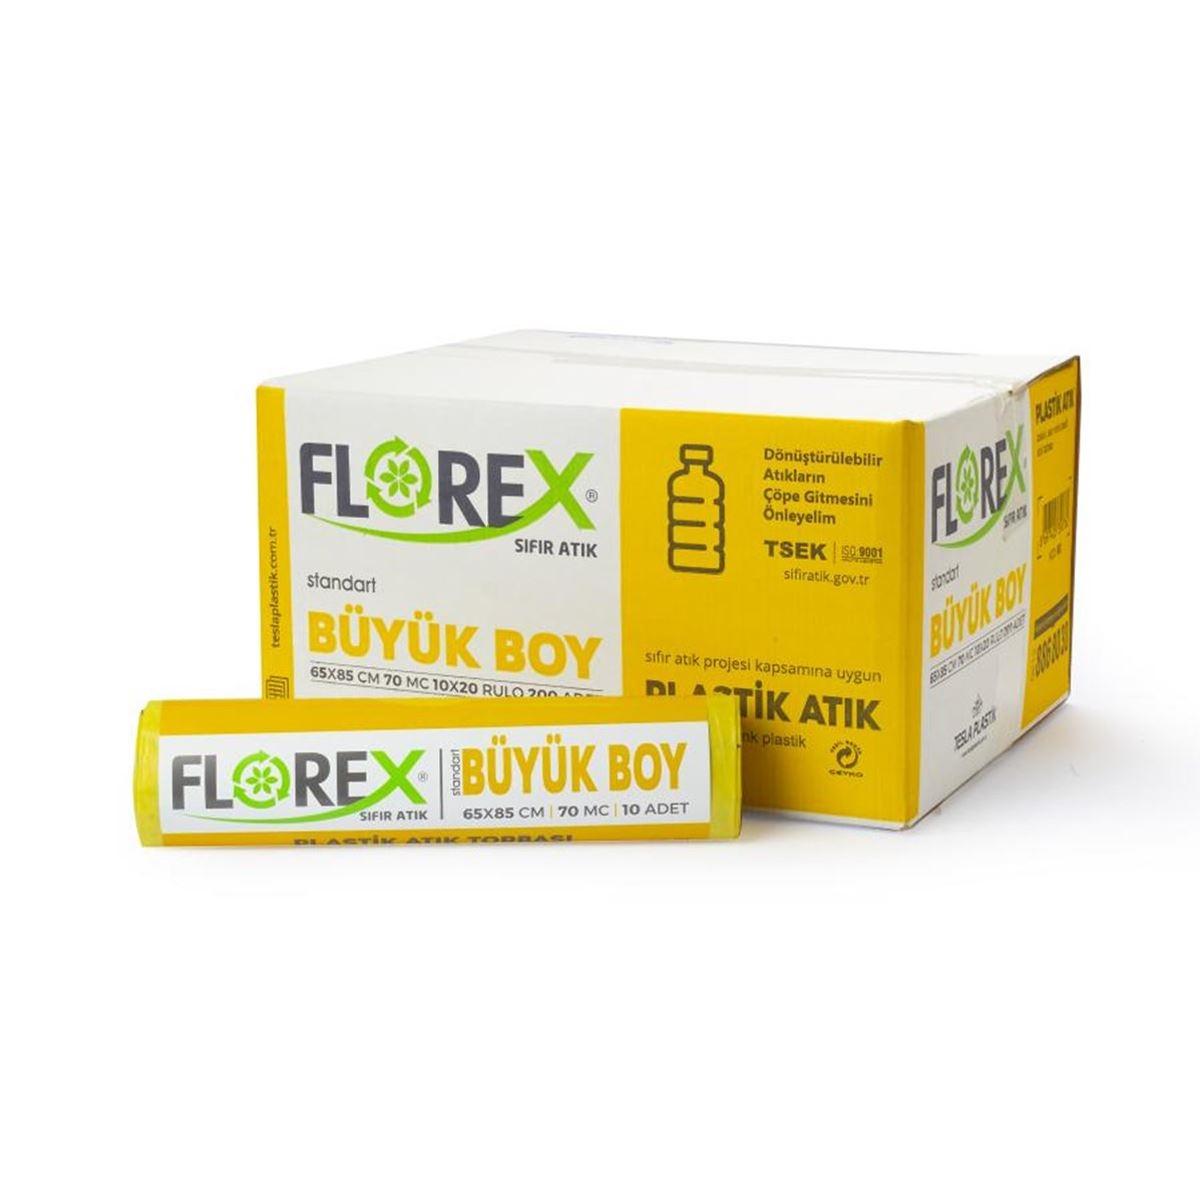 Florex Plastik Atık Torbası Standart Büyük 10Adet*20Rulo resmi